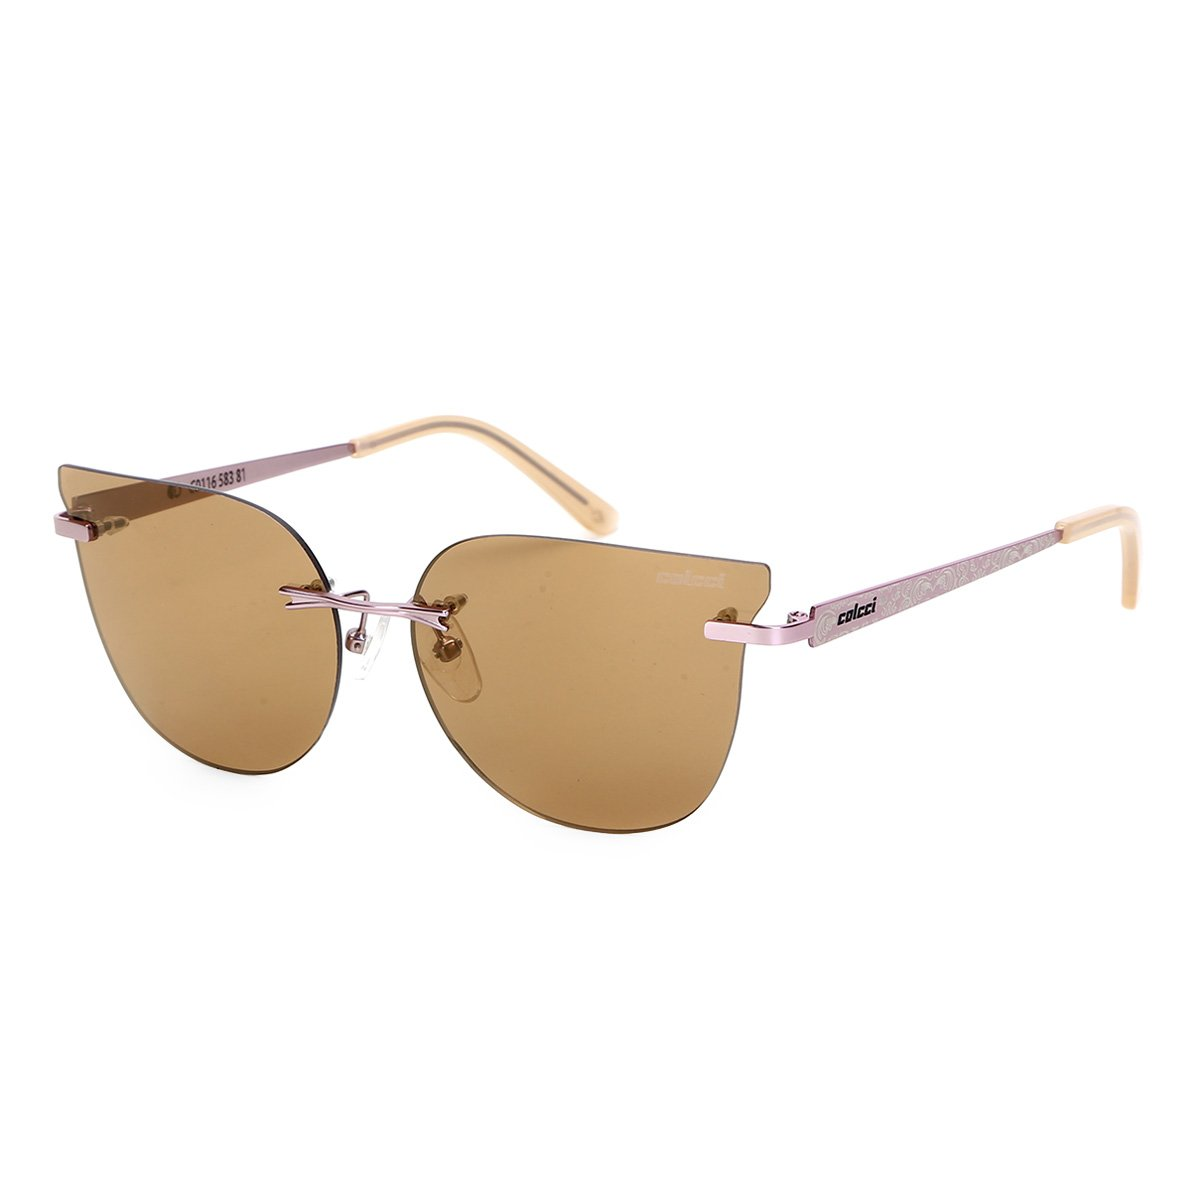 a272d7426 Óculos de Sol Colcci Espelhado C0116 Feminino - Rosa e Marrom - Compre Agora  | Netshoes